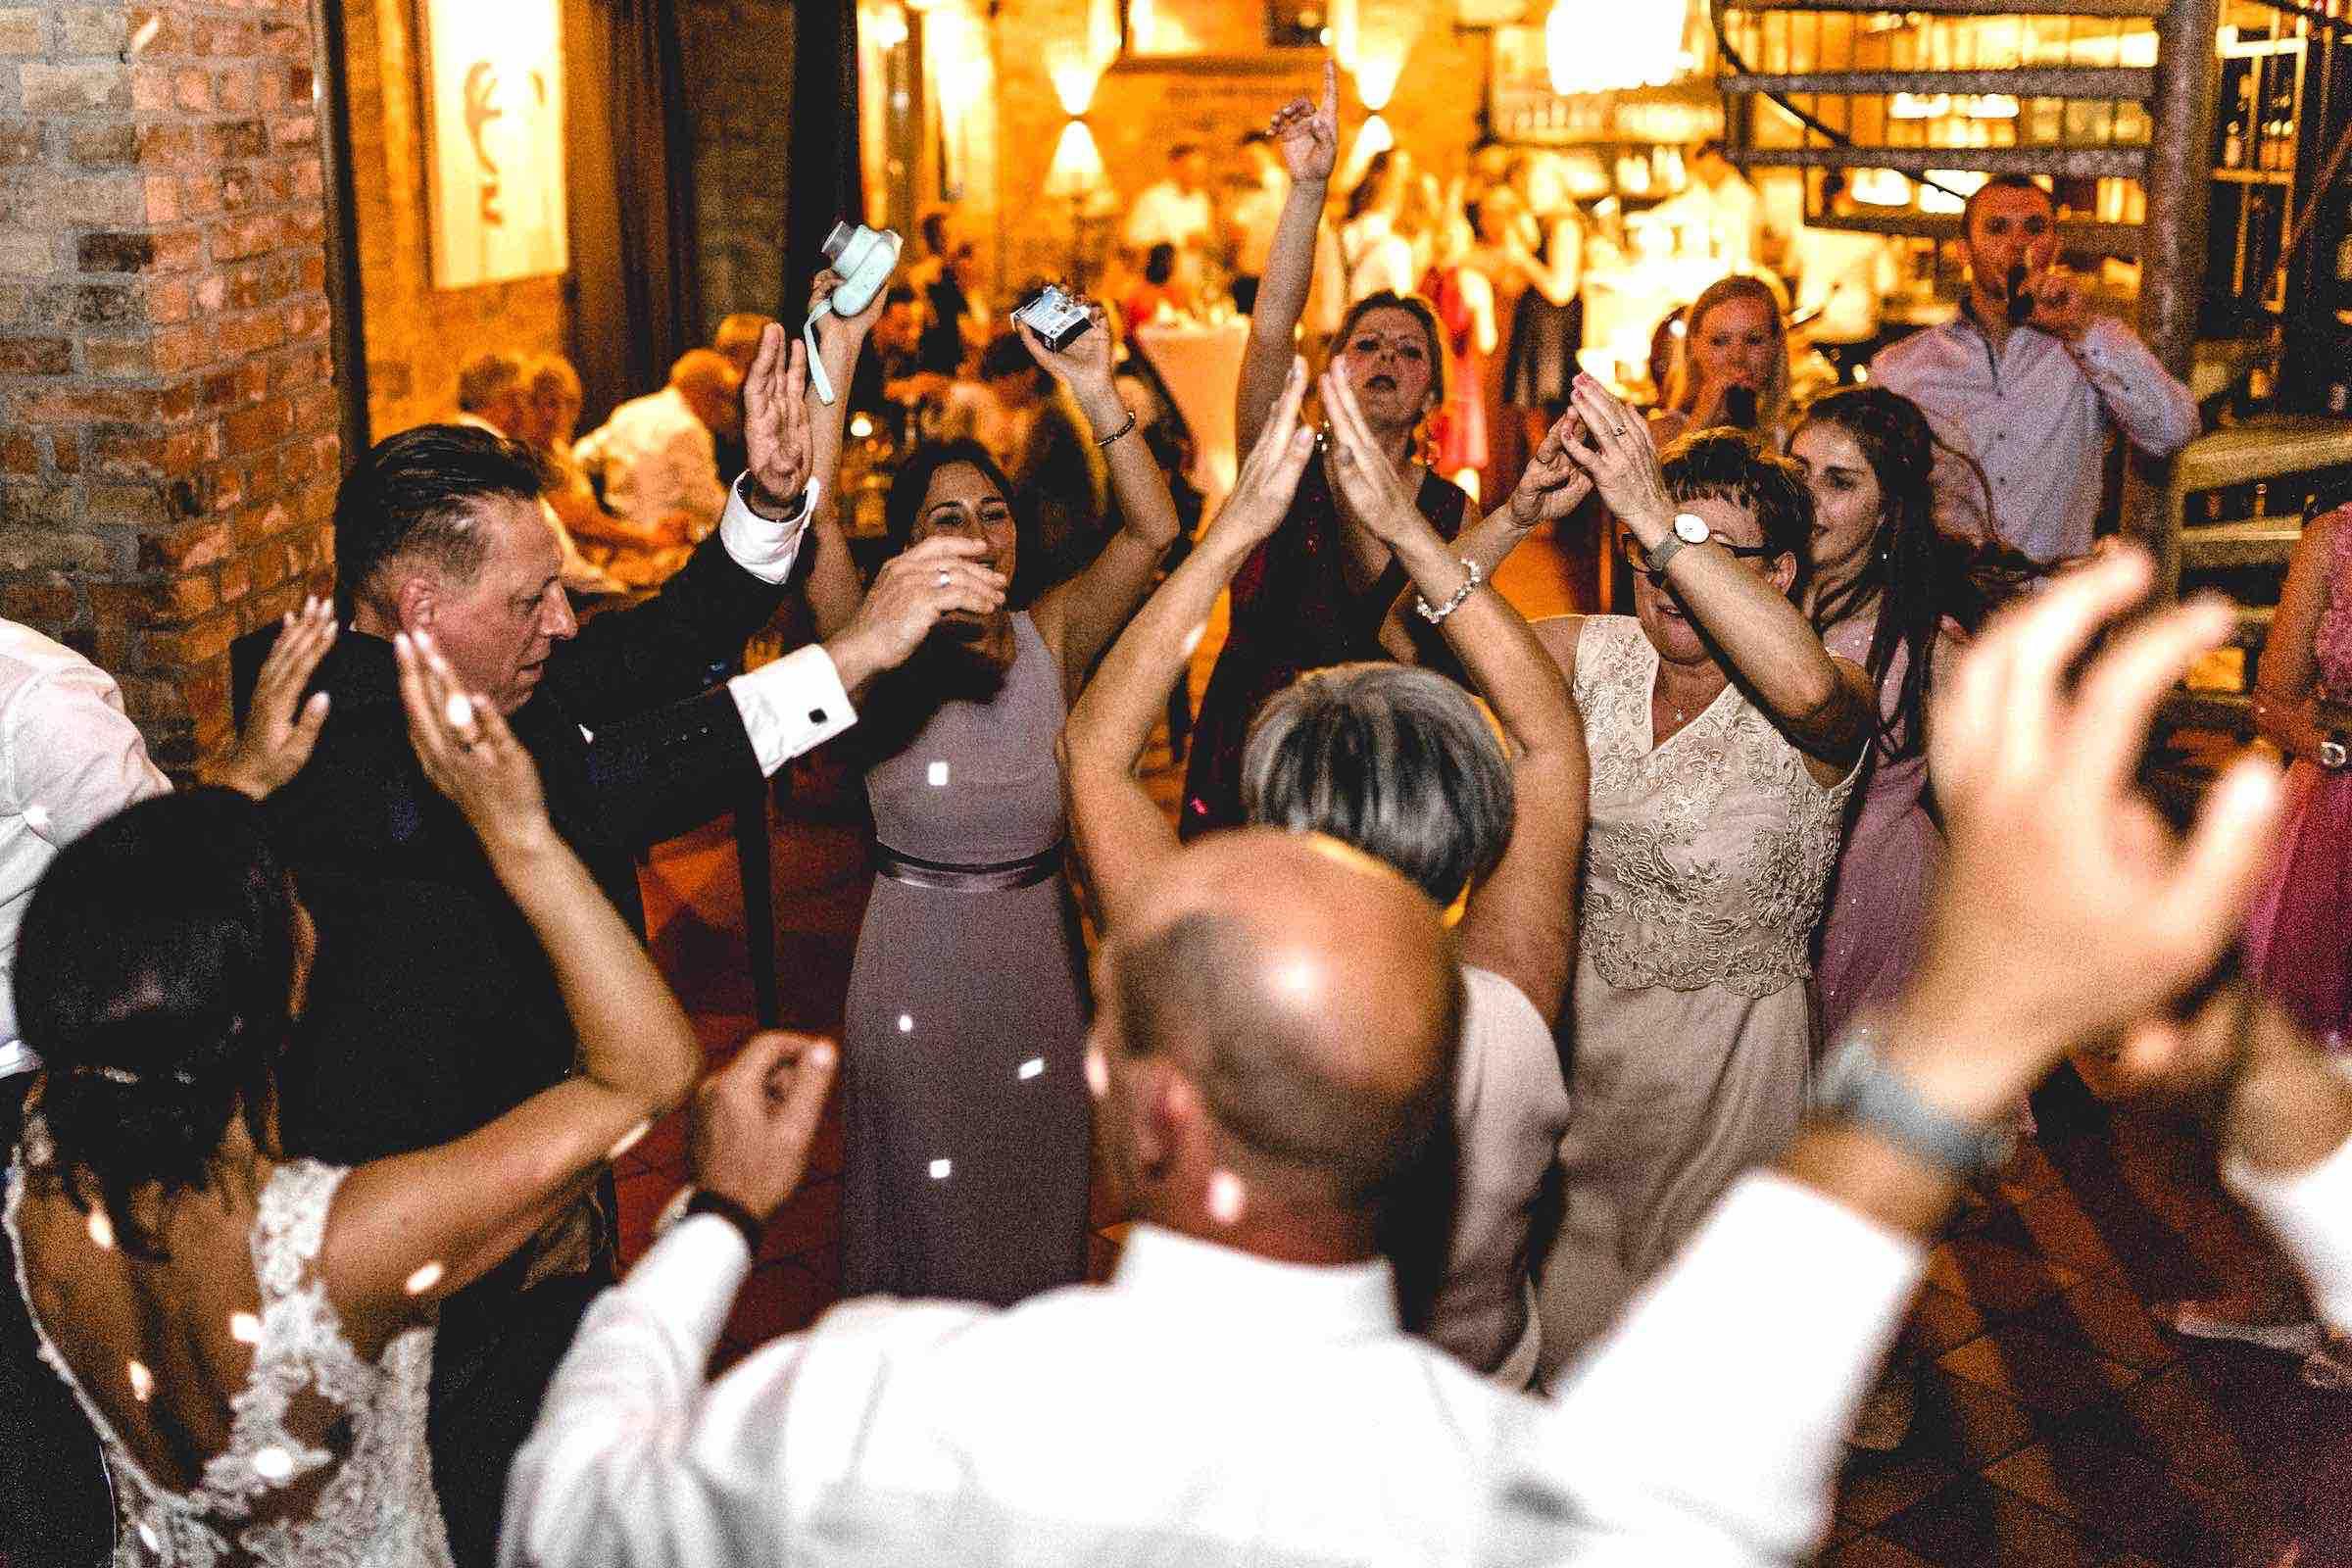 DJ | Hochzeit | DJ | Agentur | Hochzeits | DJ | Messe | Hamburg | DJ | Firmenevent | Firmenfeier | DJ | Geburtstag | Discjockey | Weihnachtsfeier | DJ | Sommerfest | Event | Buchen | Mieten | Hamburgfeiert